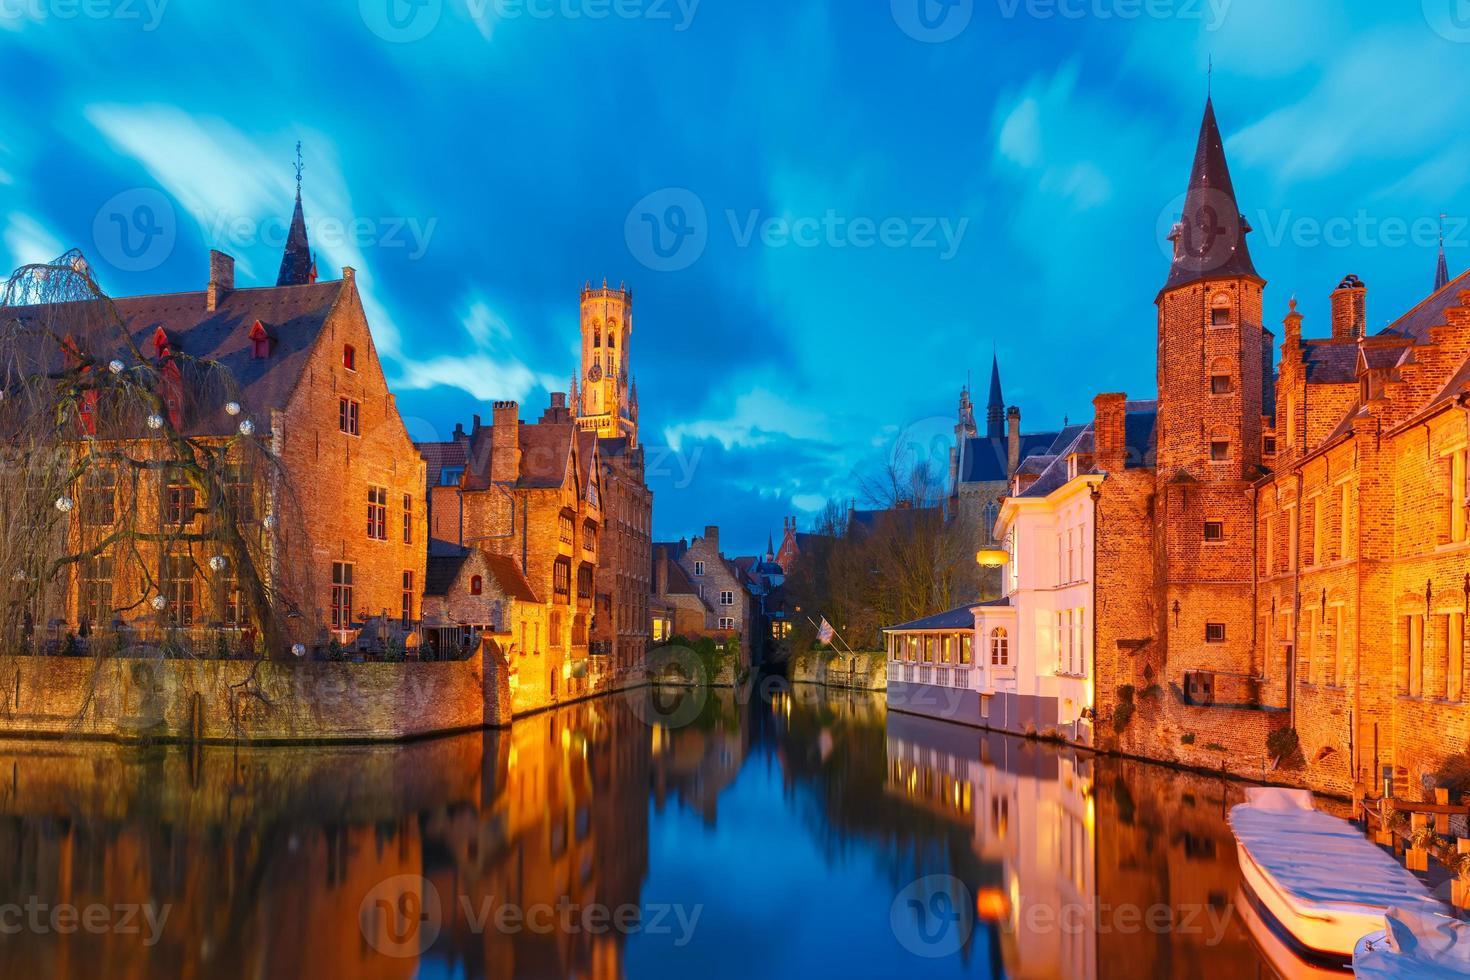 Stadtbild mit Belfort von Rozenhoedkaai in Brügge bei Sonnenuntergang foto